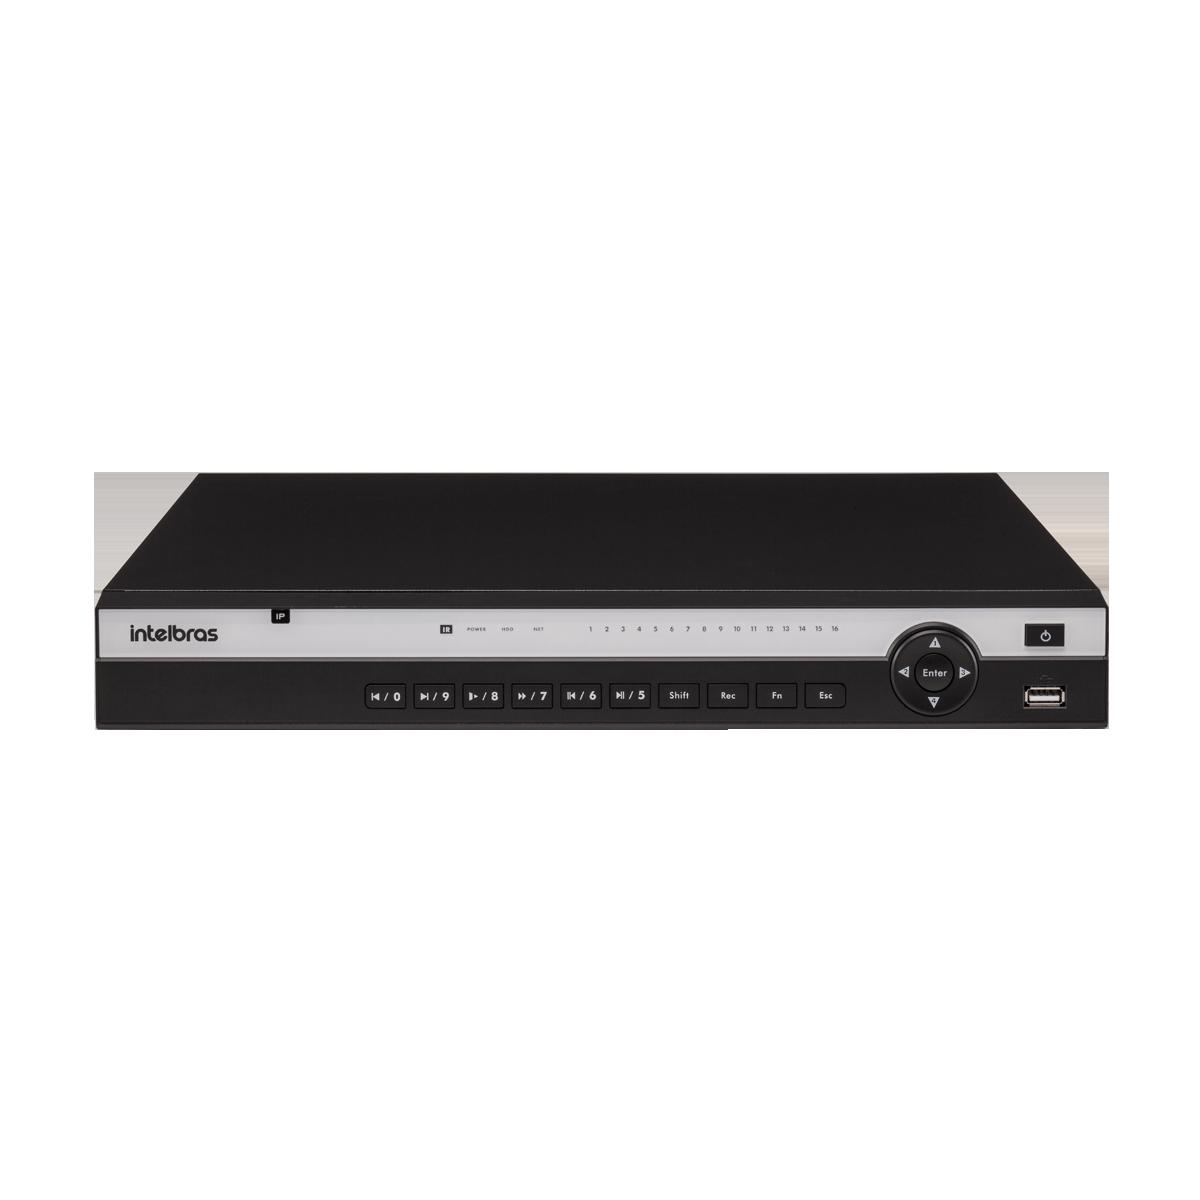 NVD 3208 P COM HD 1TB - GRAV. DIG. DE VÍDEO EM REDE PARA ATÉ 8 CANAIS IP EM FULL HD @ 30 FPS, 4K, H.265, POSSUI 8 PORTAS POE e CAPACIDADE DE ARMAZENAMENTO PARA 1 HD - PRODUÇÃO CUSTOMIZADA COM ENTREGA   - Sandercomp Virtual